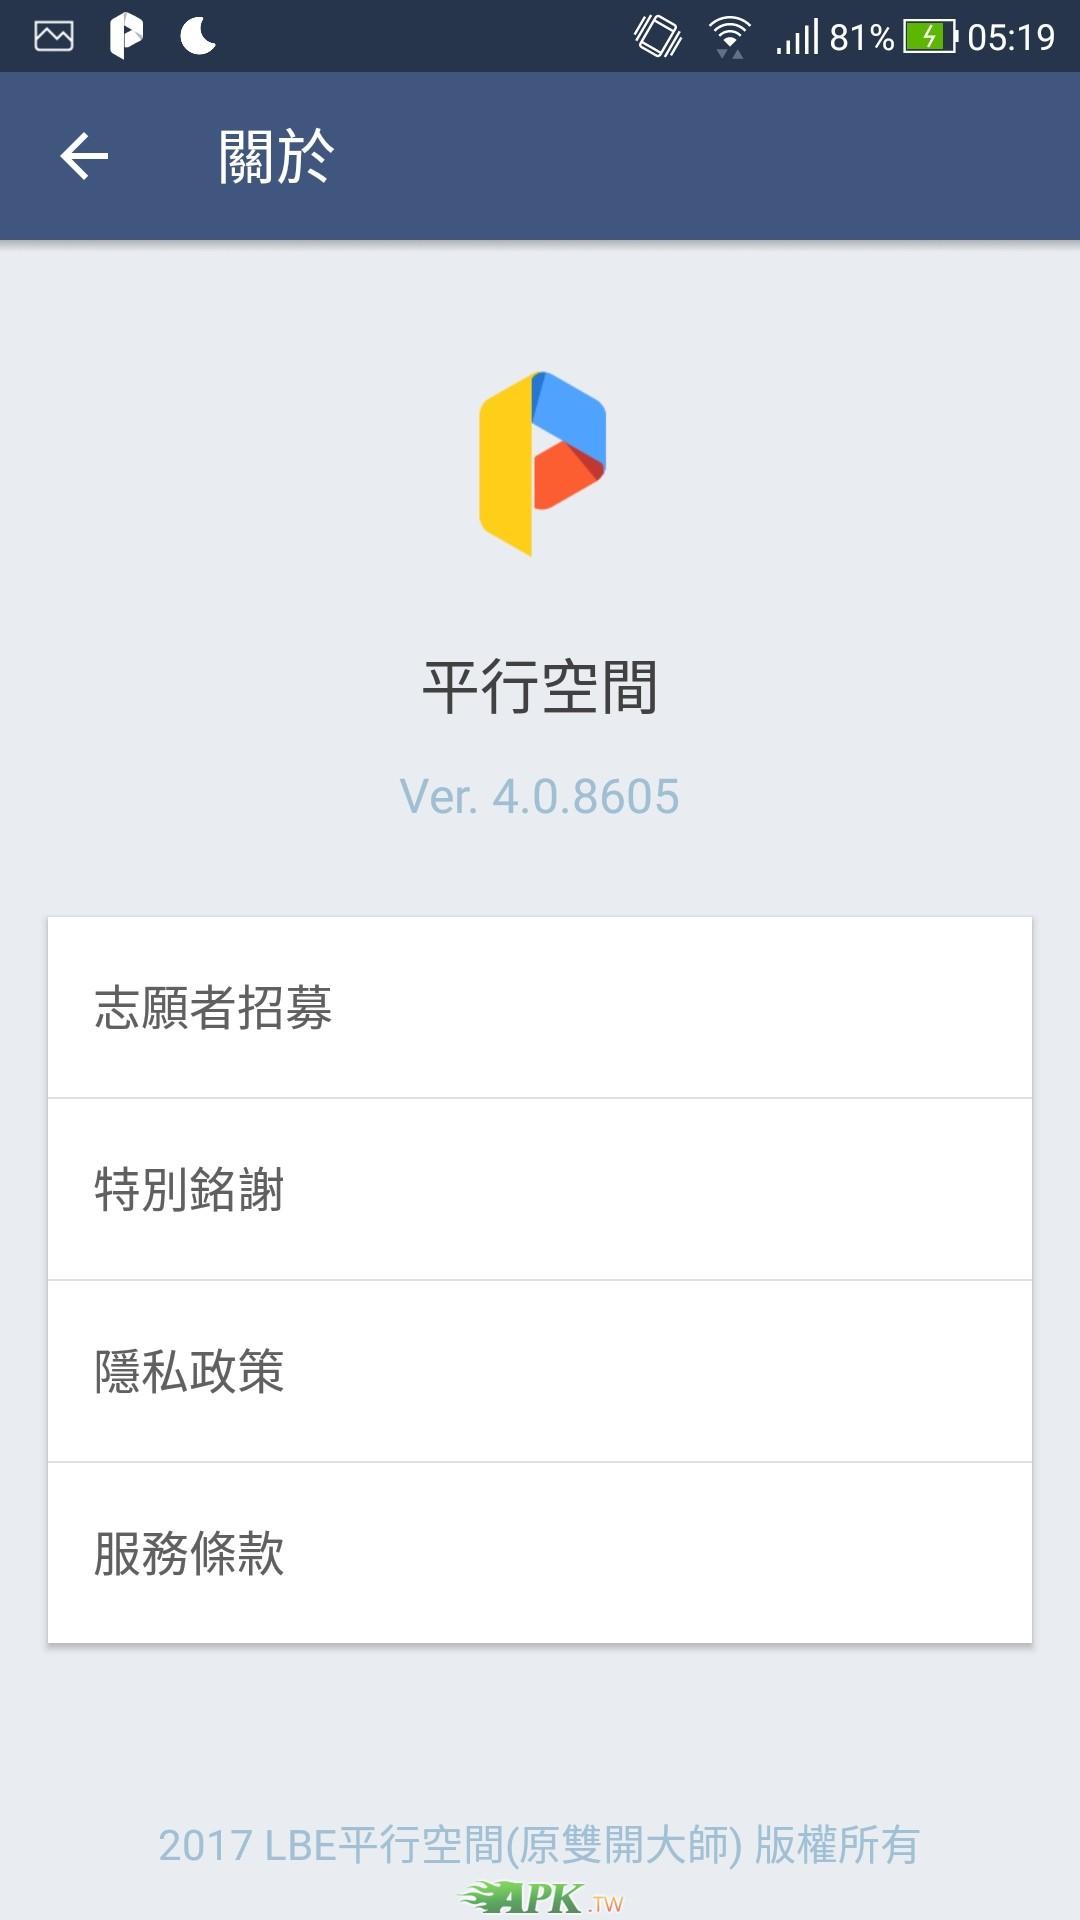 Screenshot_20181011-051927.jpg